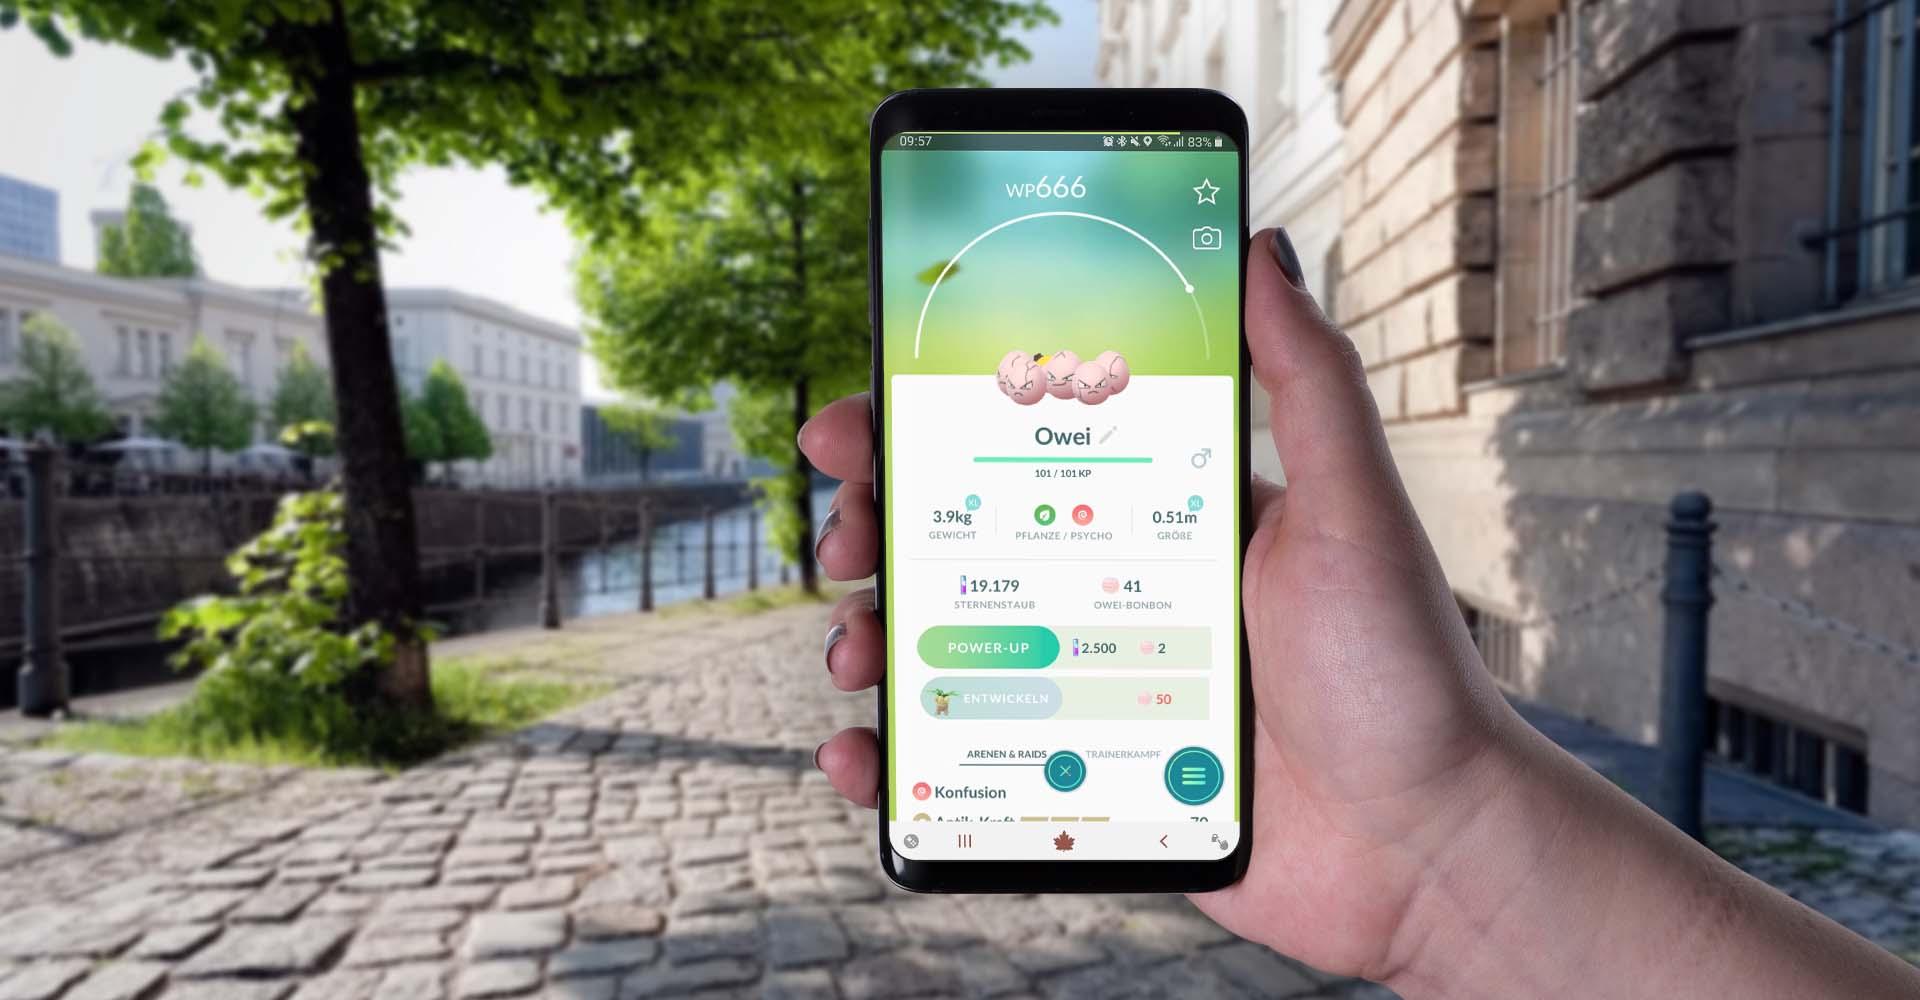 In Pokémon Go am Smartphone Owei gefangen.